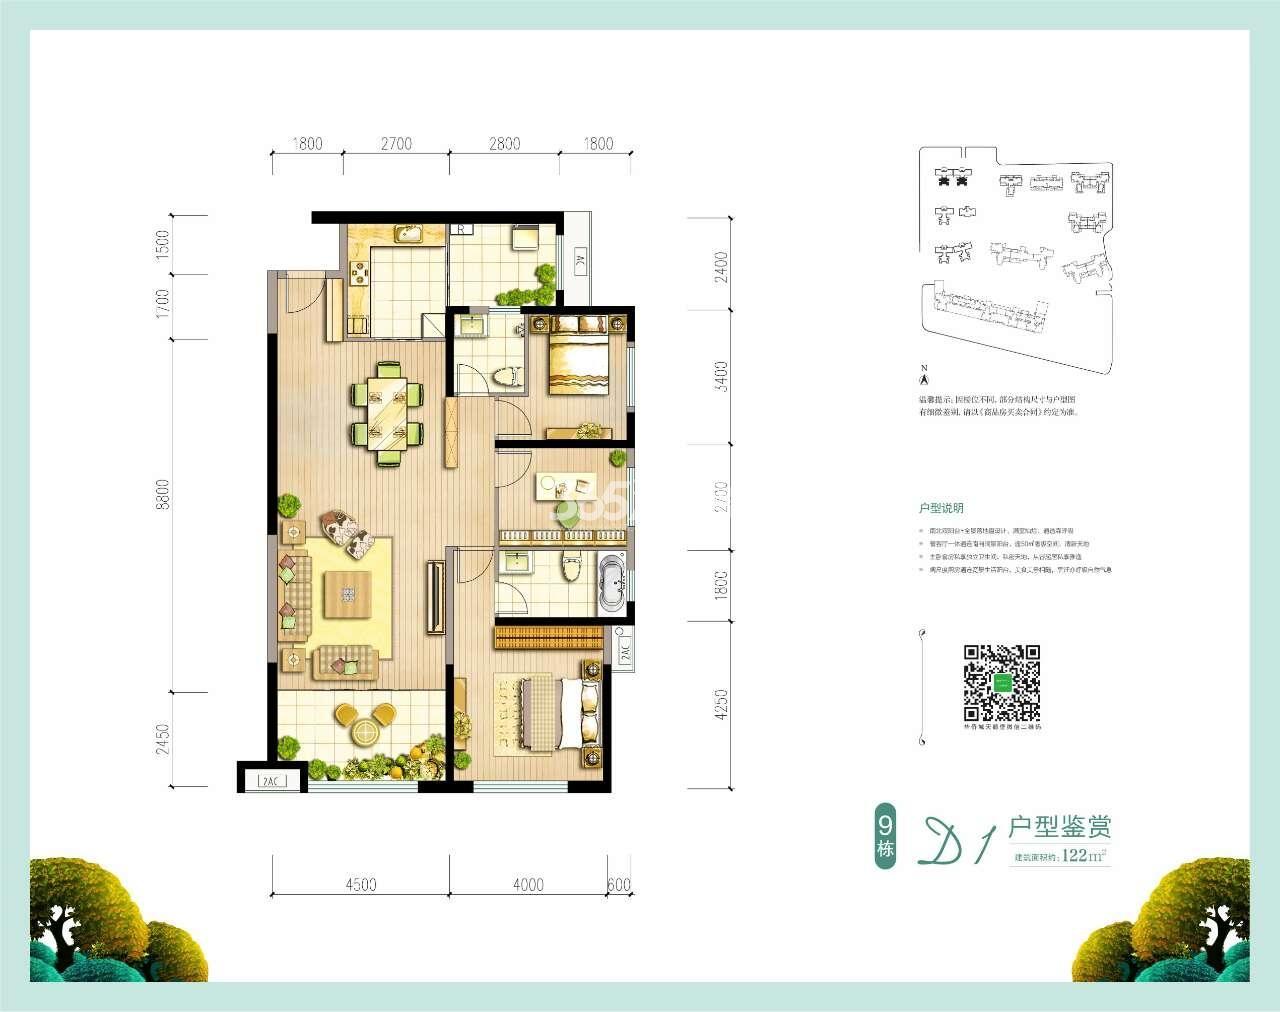 华侨城天鹅堡9#楼D1户型图三室两厅两卫一厨122㎡